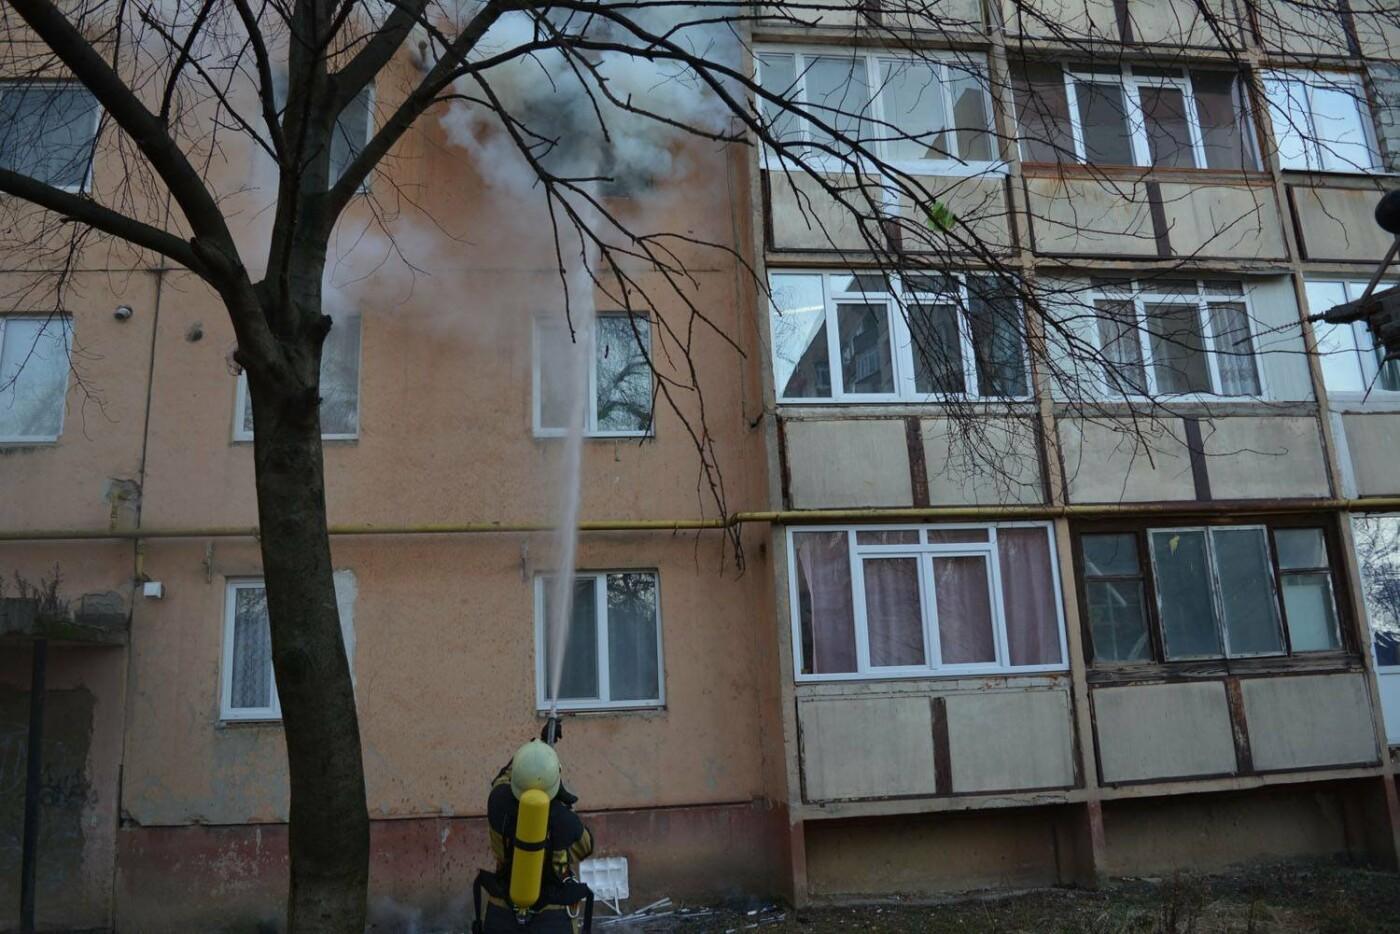 Через пожежу у багатоповерхівці на Годинки в Ужгороді евакуювали 20 чоловік, згоріли 2 кімнати (ФОТО, ВІДЕО, УСІ ПОДРОБИЦІ), фото-6